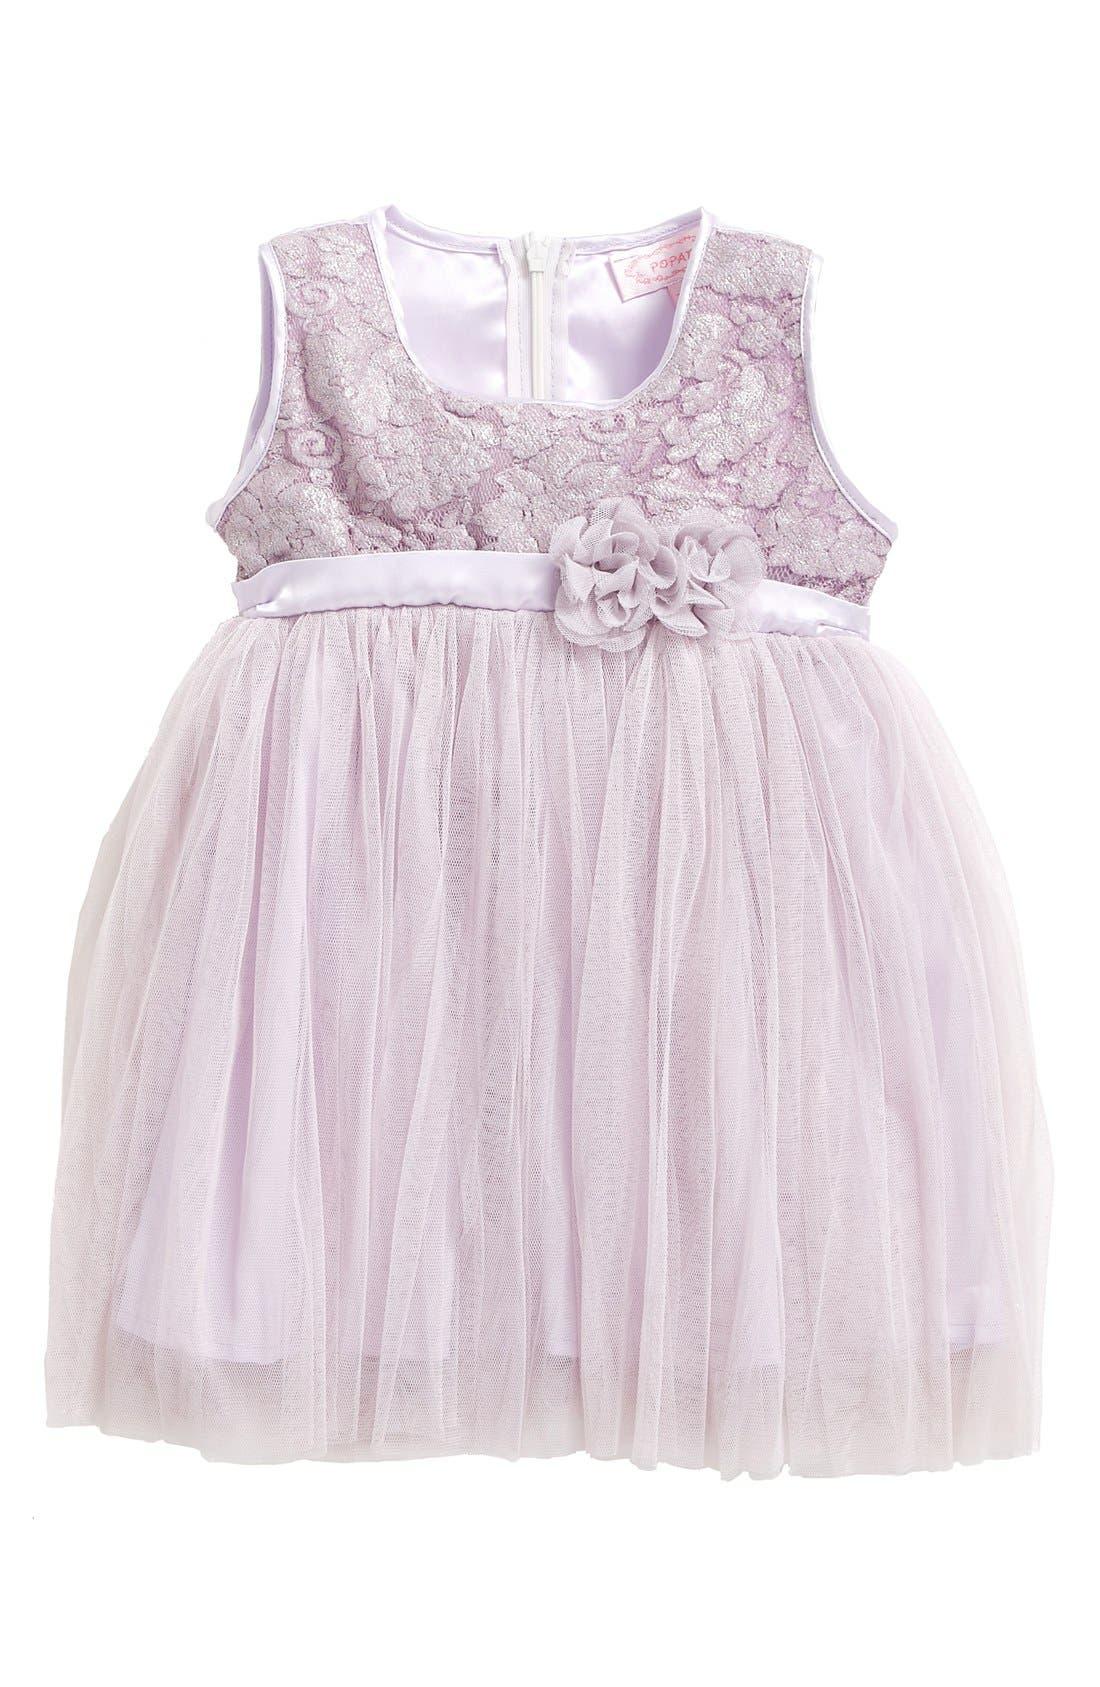 Empire Waist Lace Dress,                         Main,                         color, 530